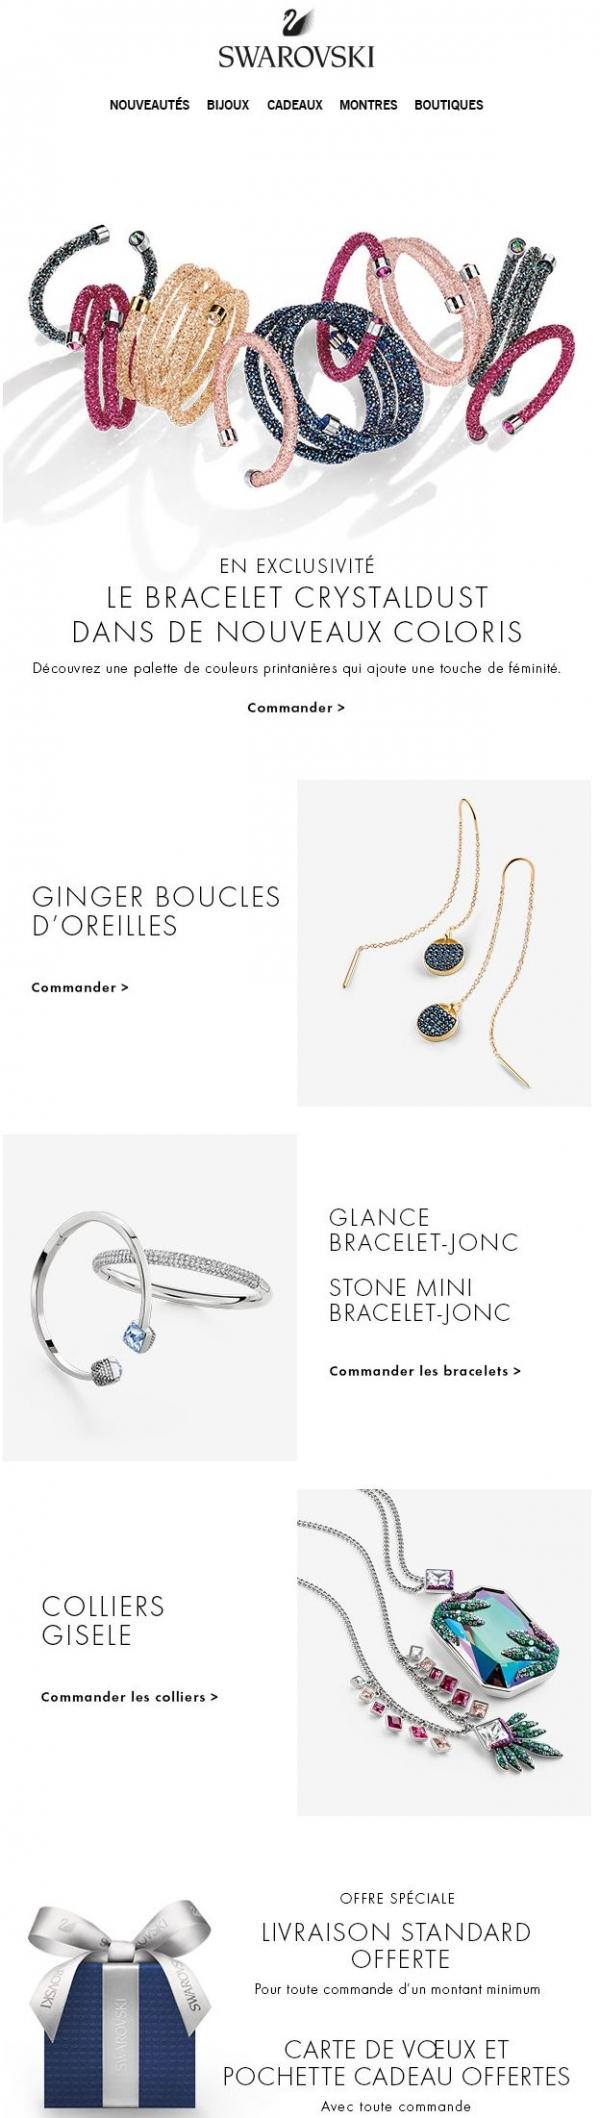 Exclusif : Les Nouvelles Couleurs Des Bracelets Joncs Crystaldust ! Promotions Rabais